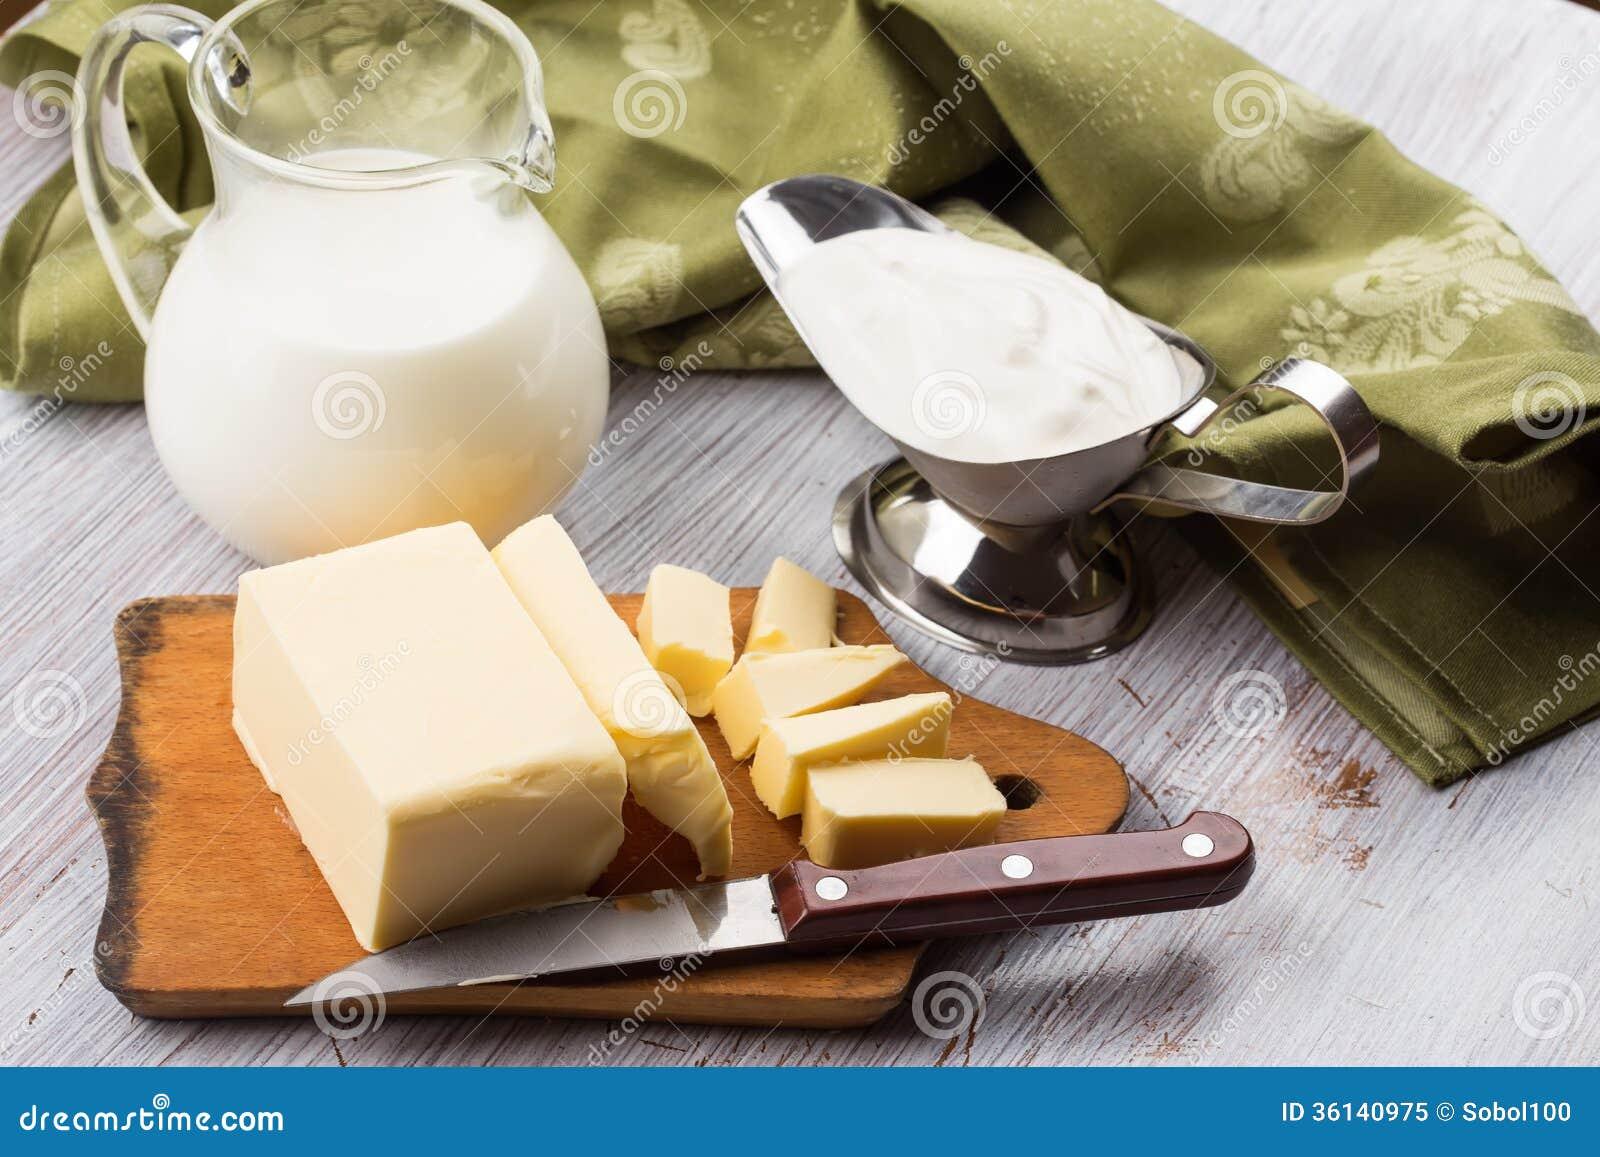 Świeży masło na drewnianej desce.